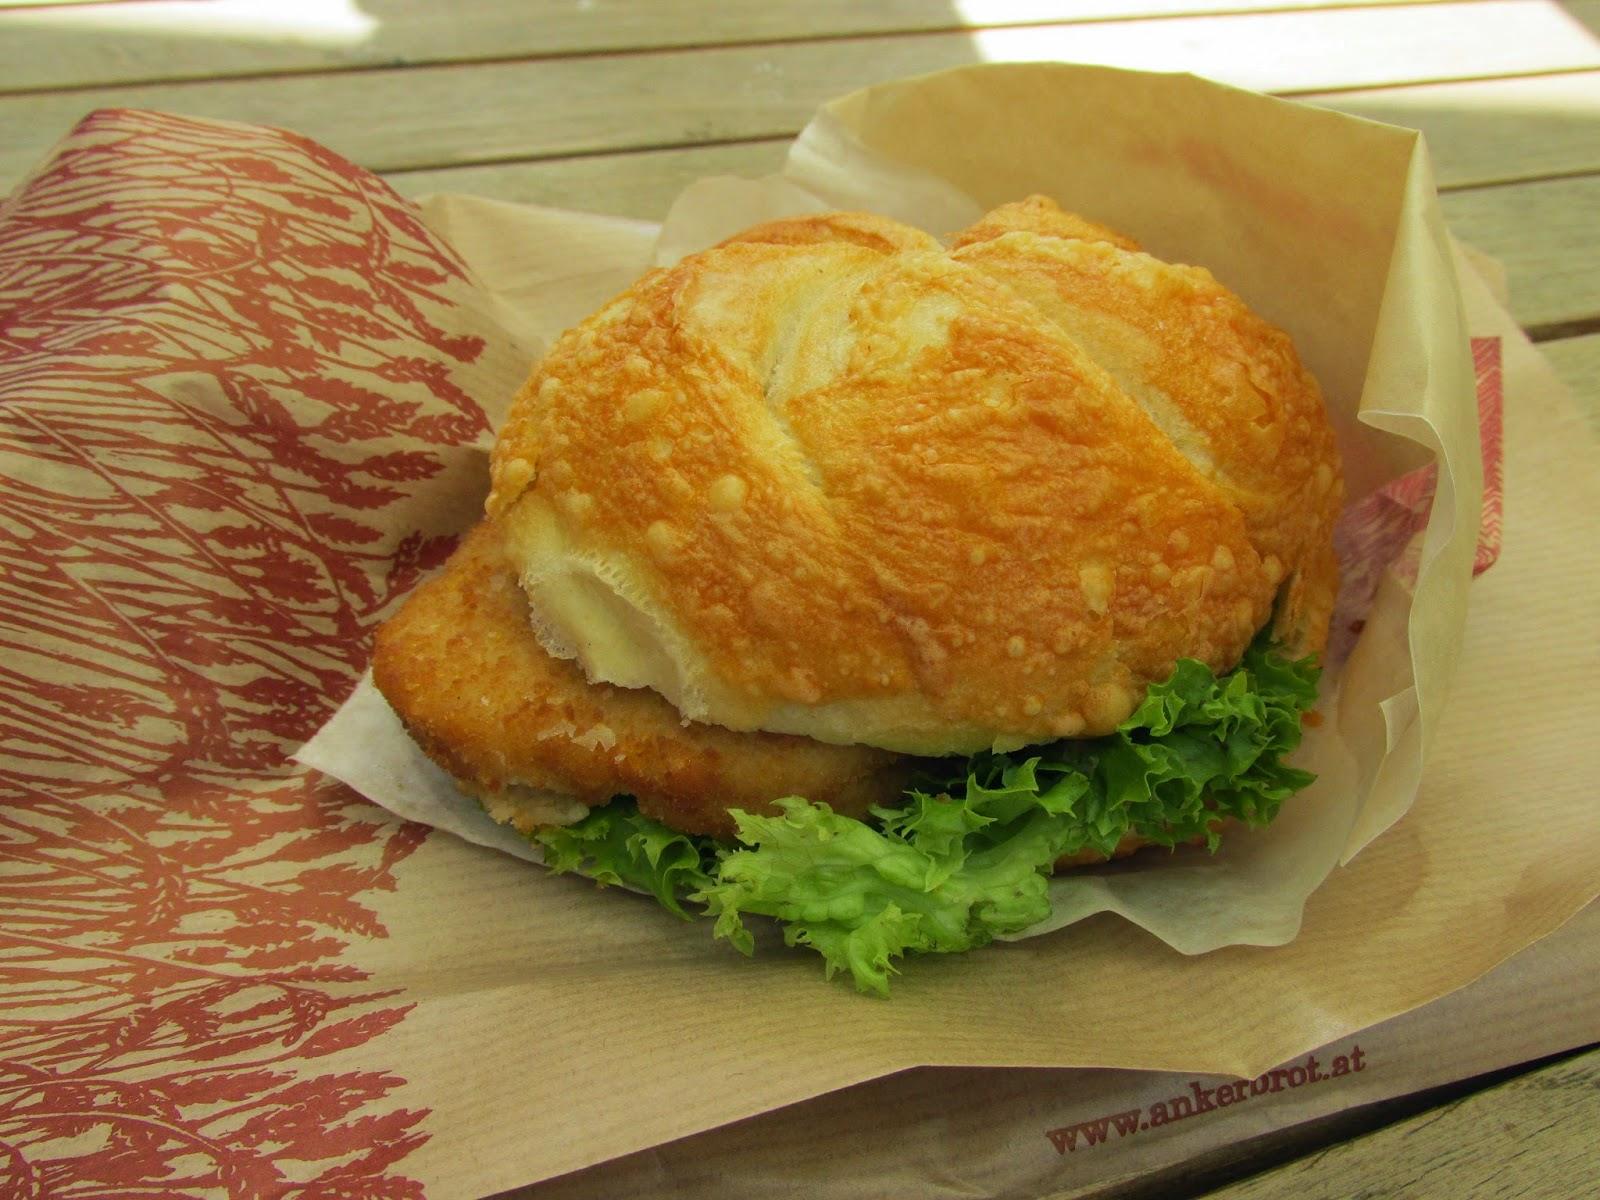 Chicken panino